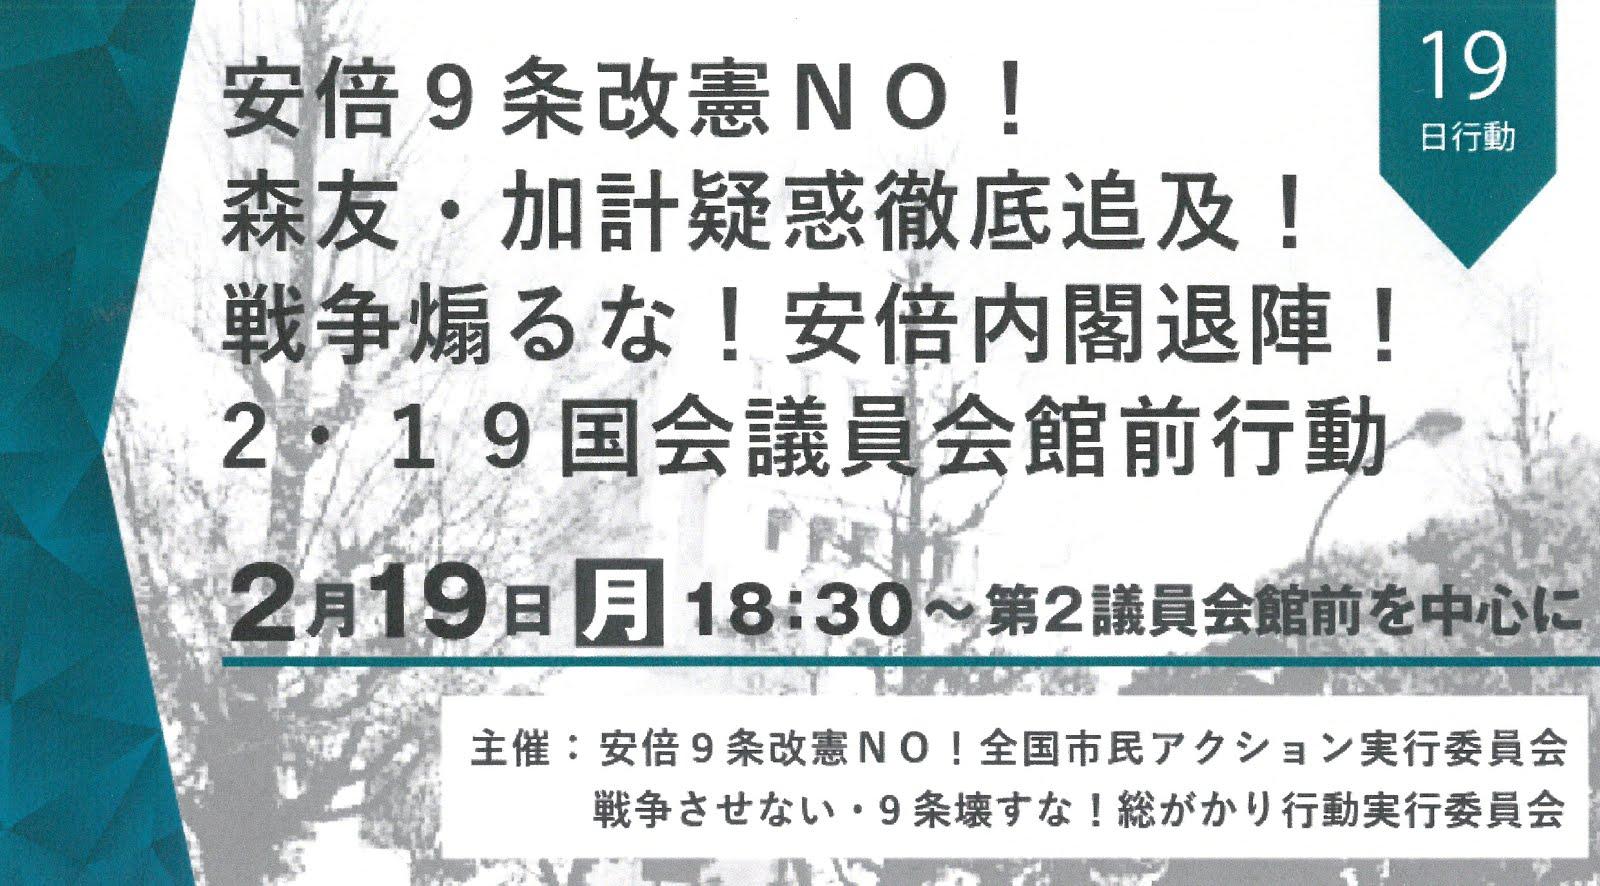 2月19日、議員会館前行動 全国市民アクション・総がかり行動 18:30第2議員会館前